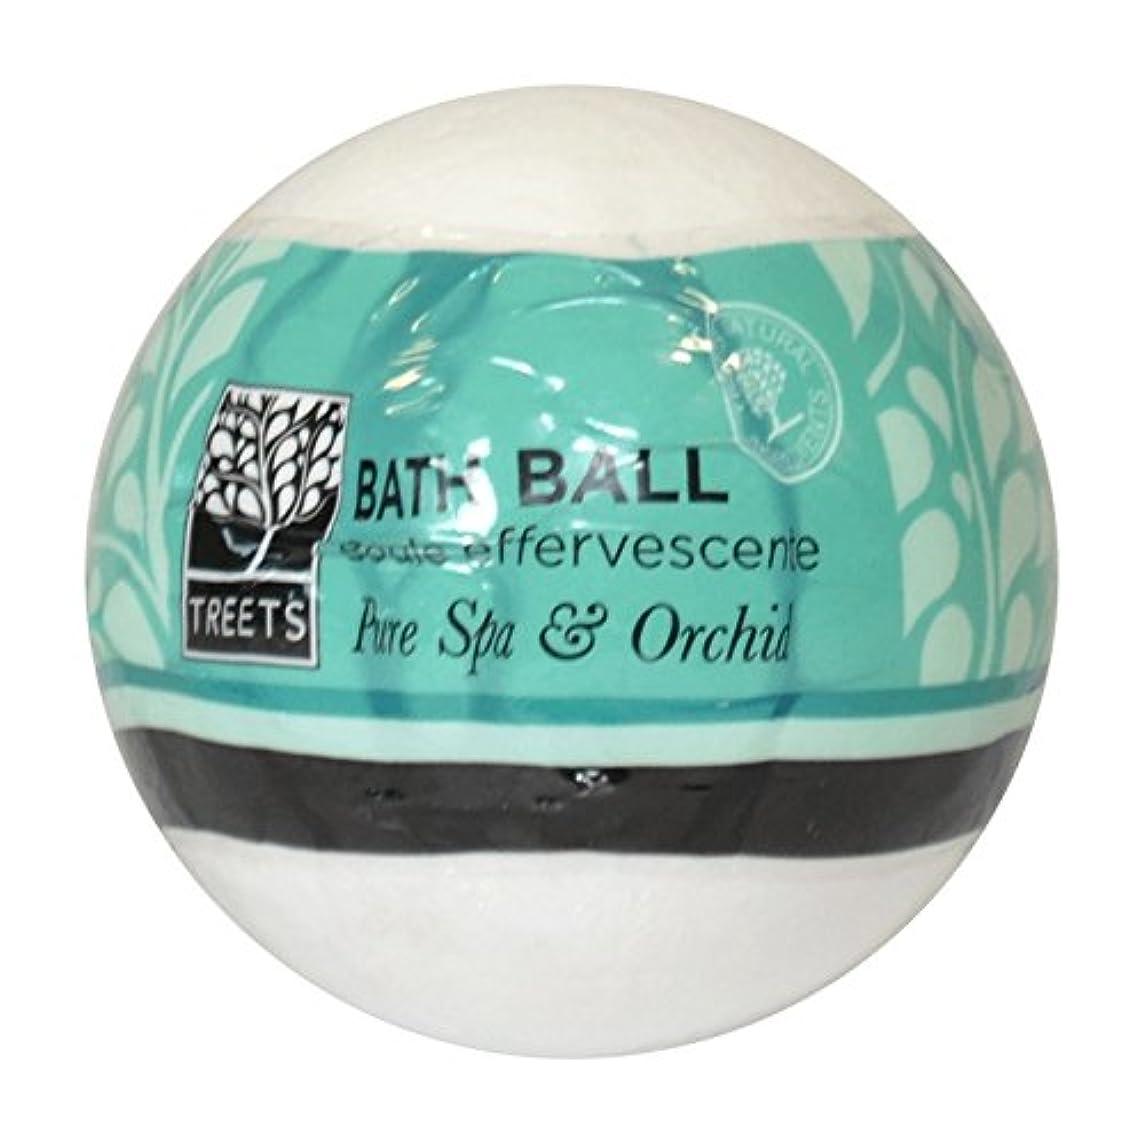 補正アフリカ人かすかなTreets Orchid & Pure Spa Bath Ball (Pack of 6) - Treets蘭&純粋なスパバスボール (x6) [並行輸入品]